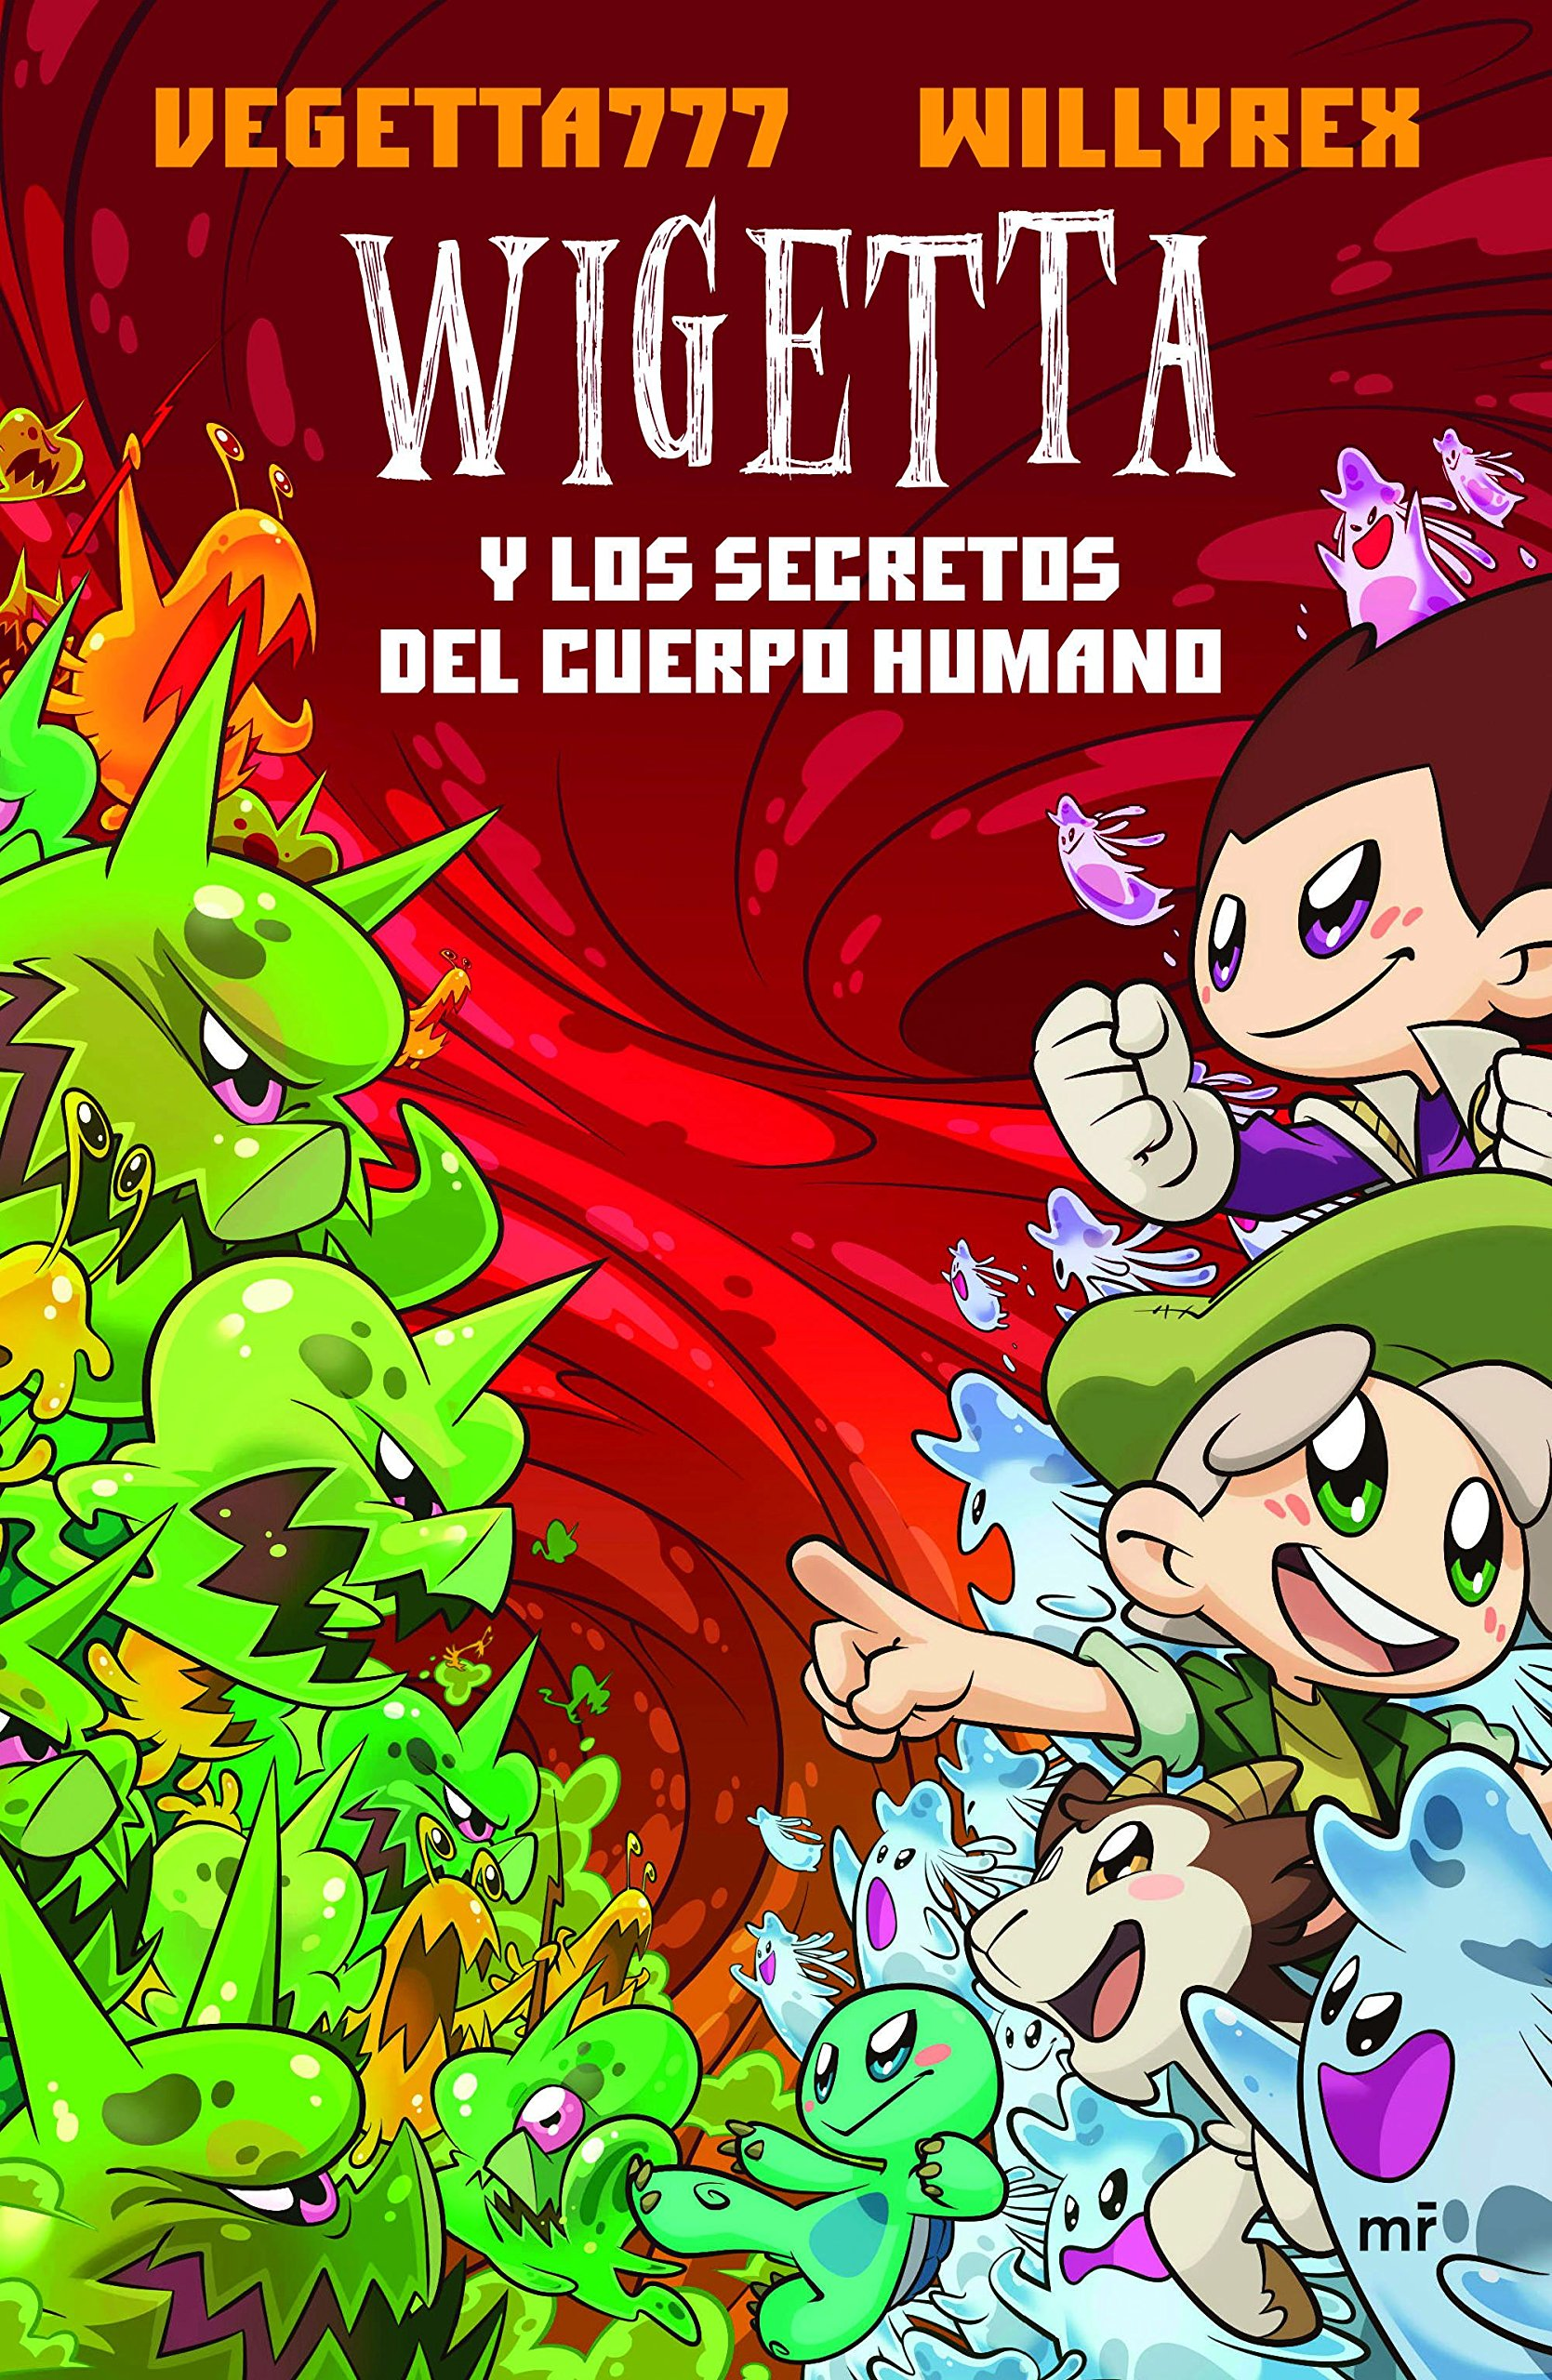 Wigetta y los secretos del cuerpo humano Fuera de Colección: Amazon.es: Vegetta777, Willyrex: Libros